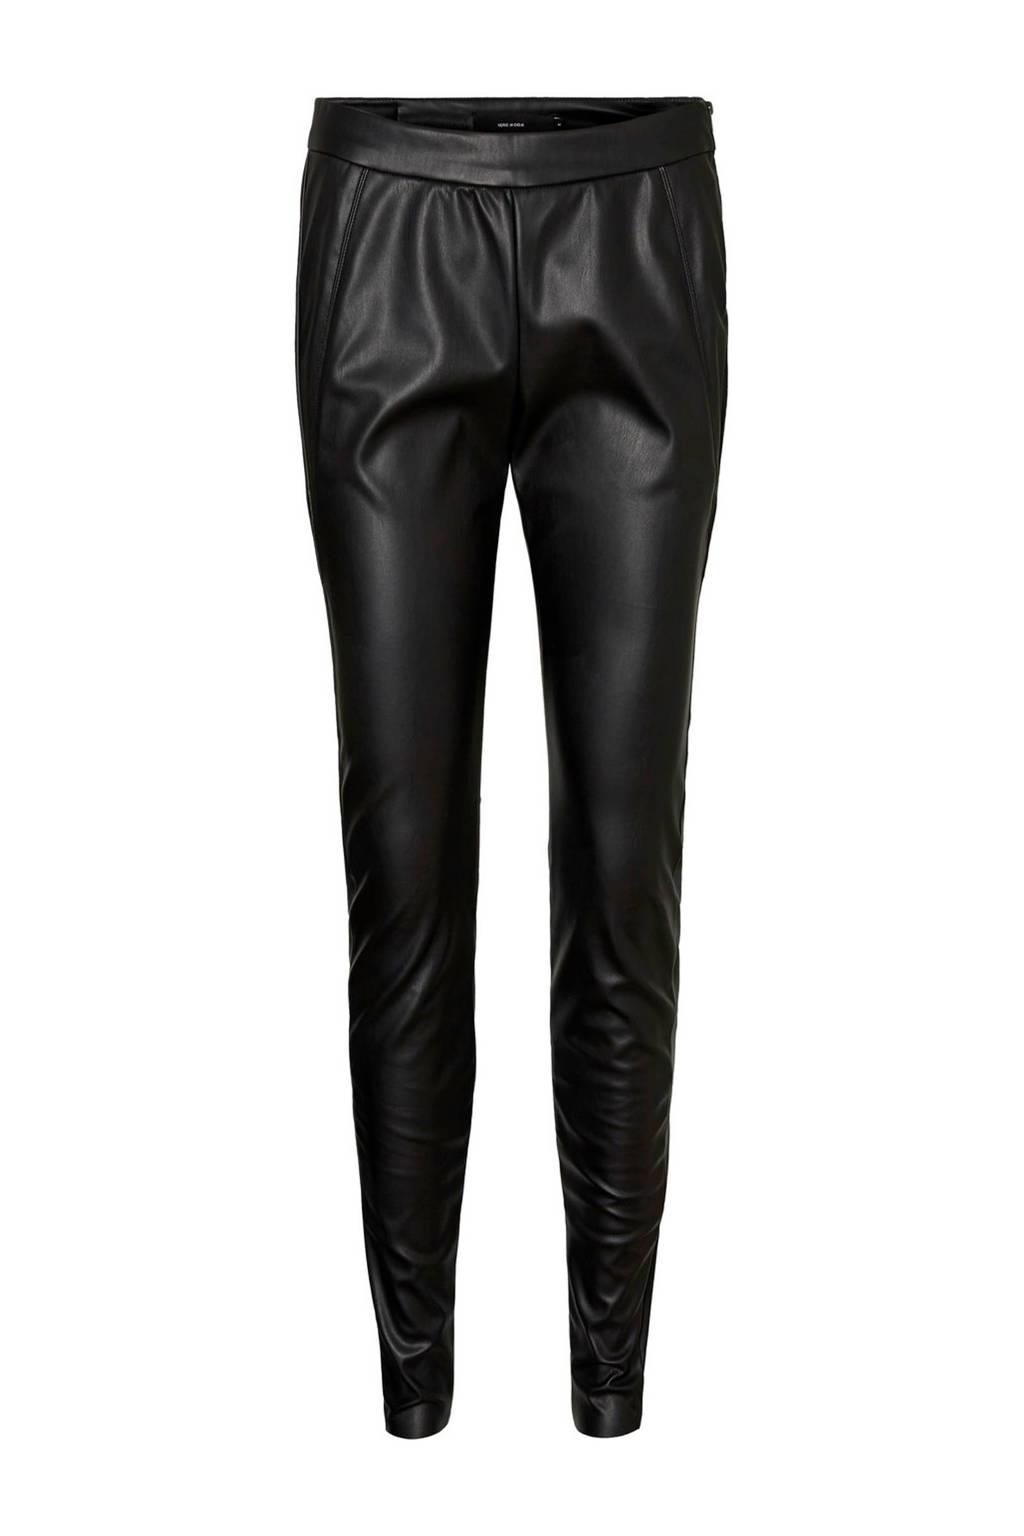 VERO MODA high waist loose fit broek zwart, Zwart